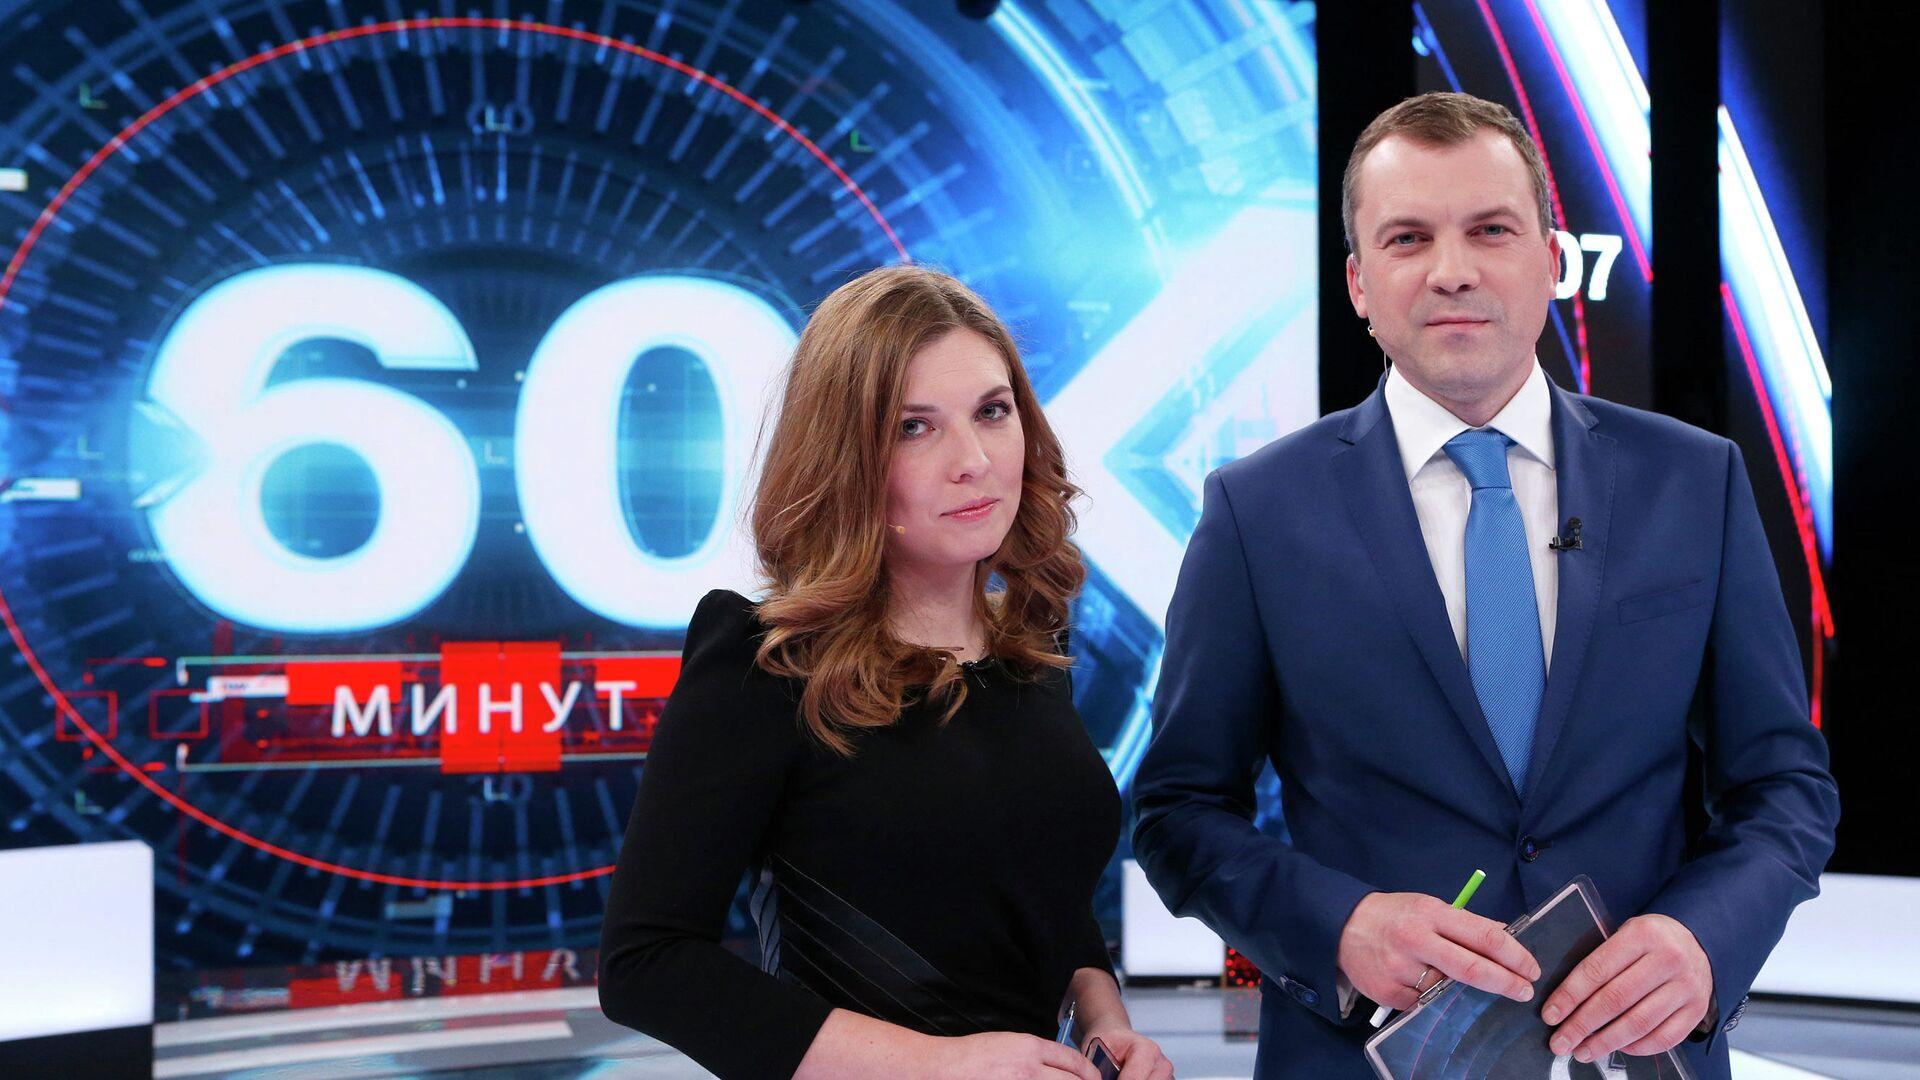 Телеведущий Попов намерен баллотироваться в депутаты Госдумы